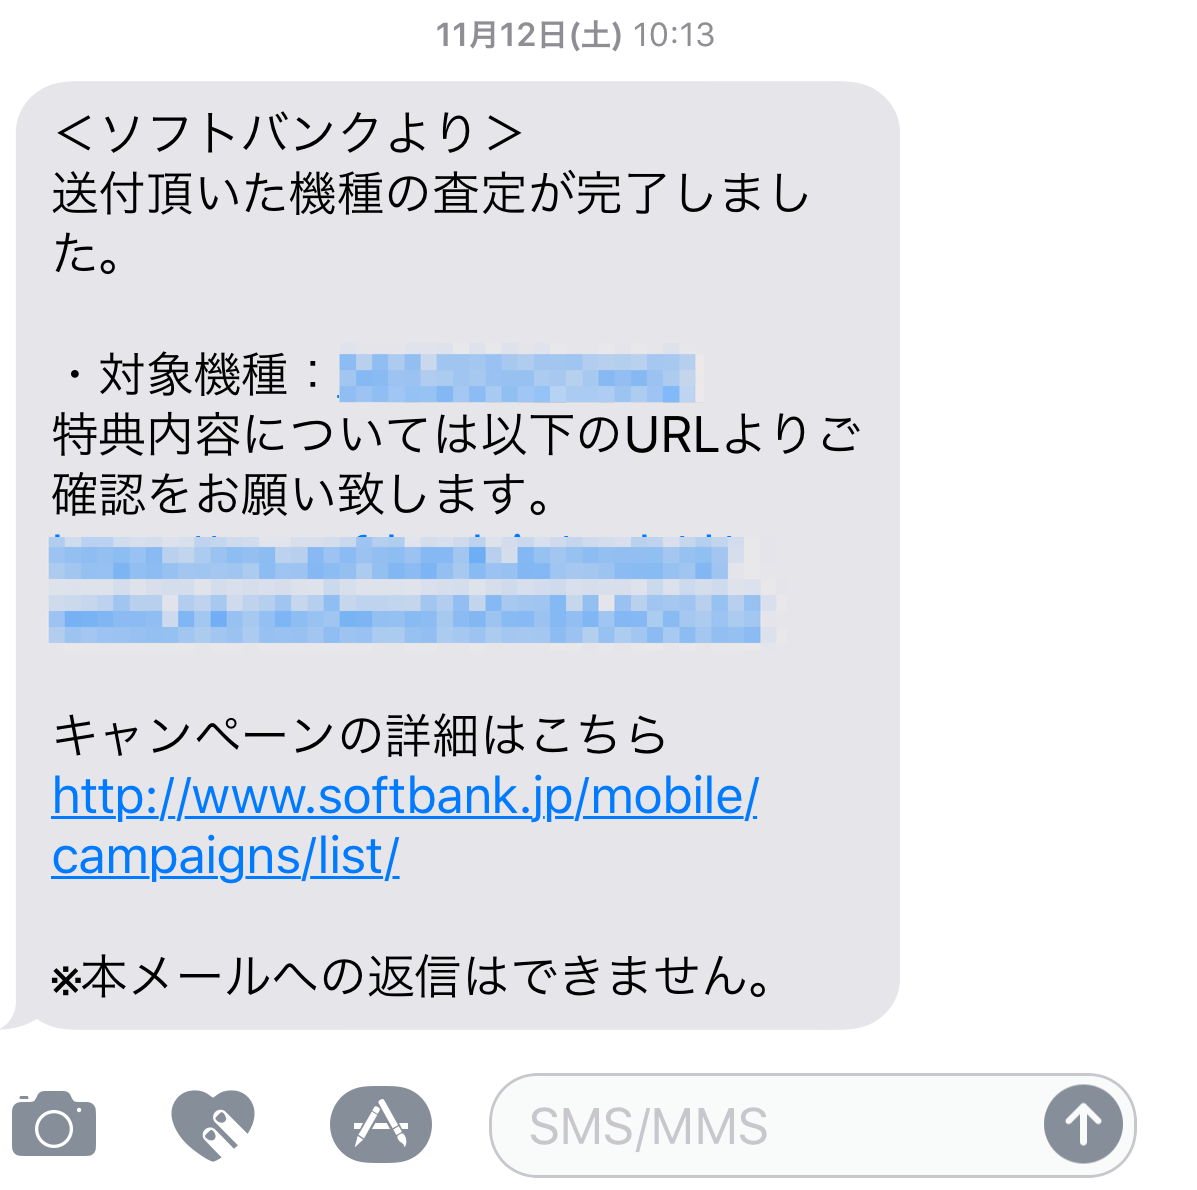 ソフトバンク下取り完了メール